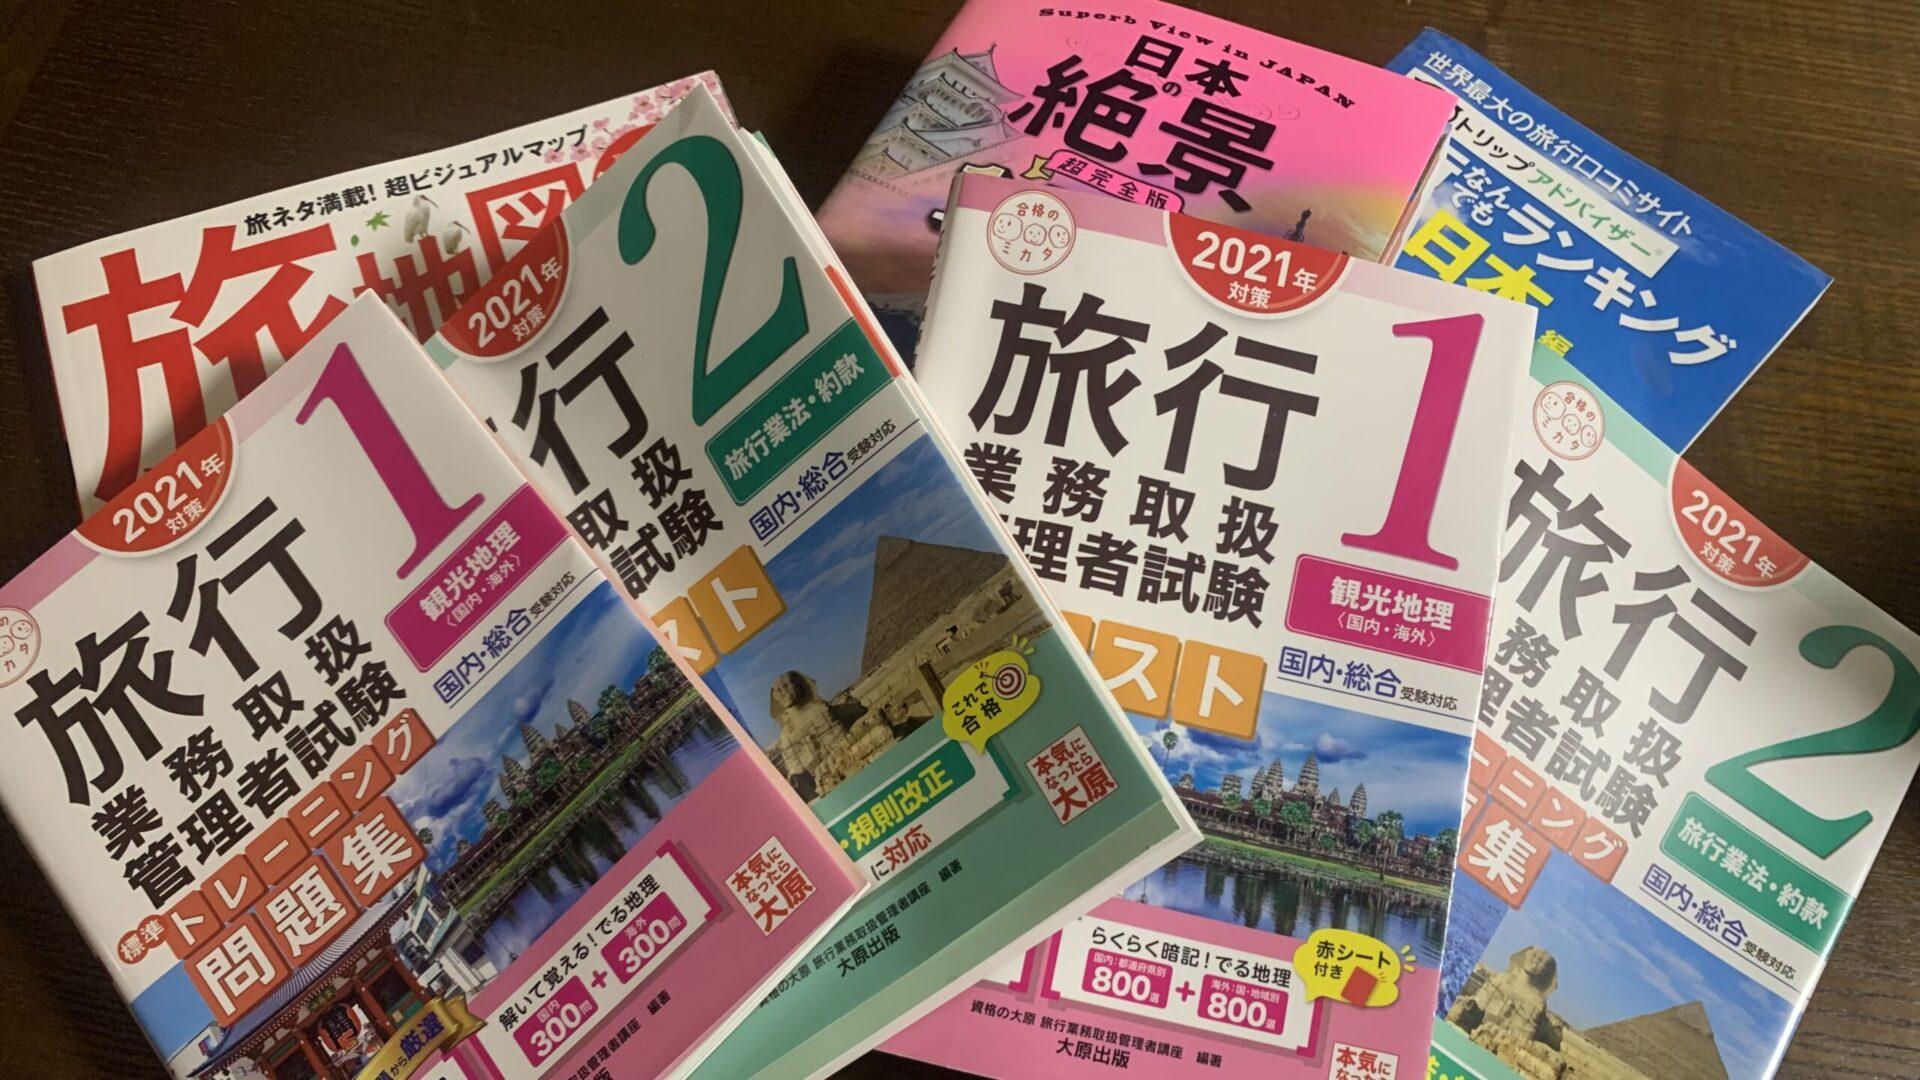 47都道府県聖地巡りラン挑戦に備えて国内旅行業務取扱管理者を目指そう